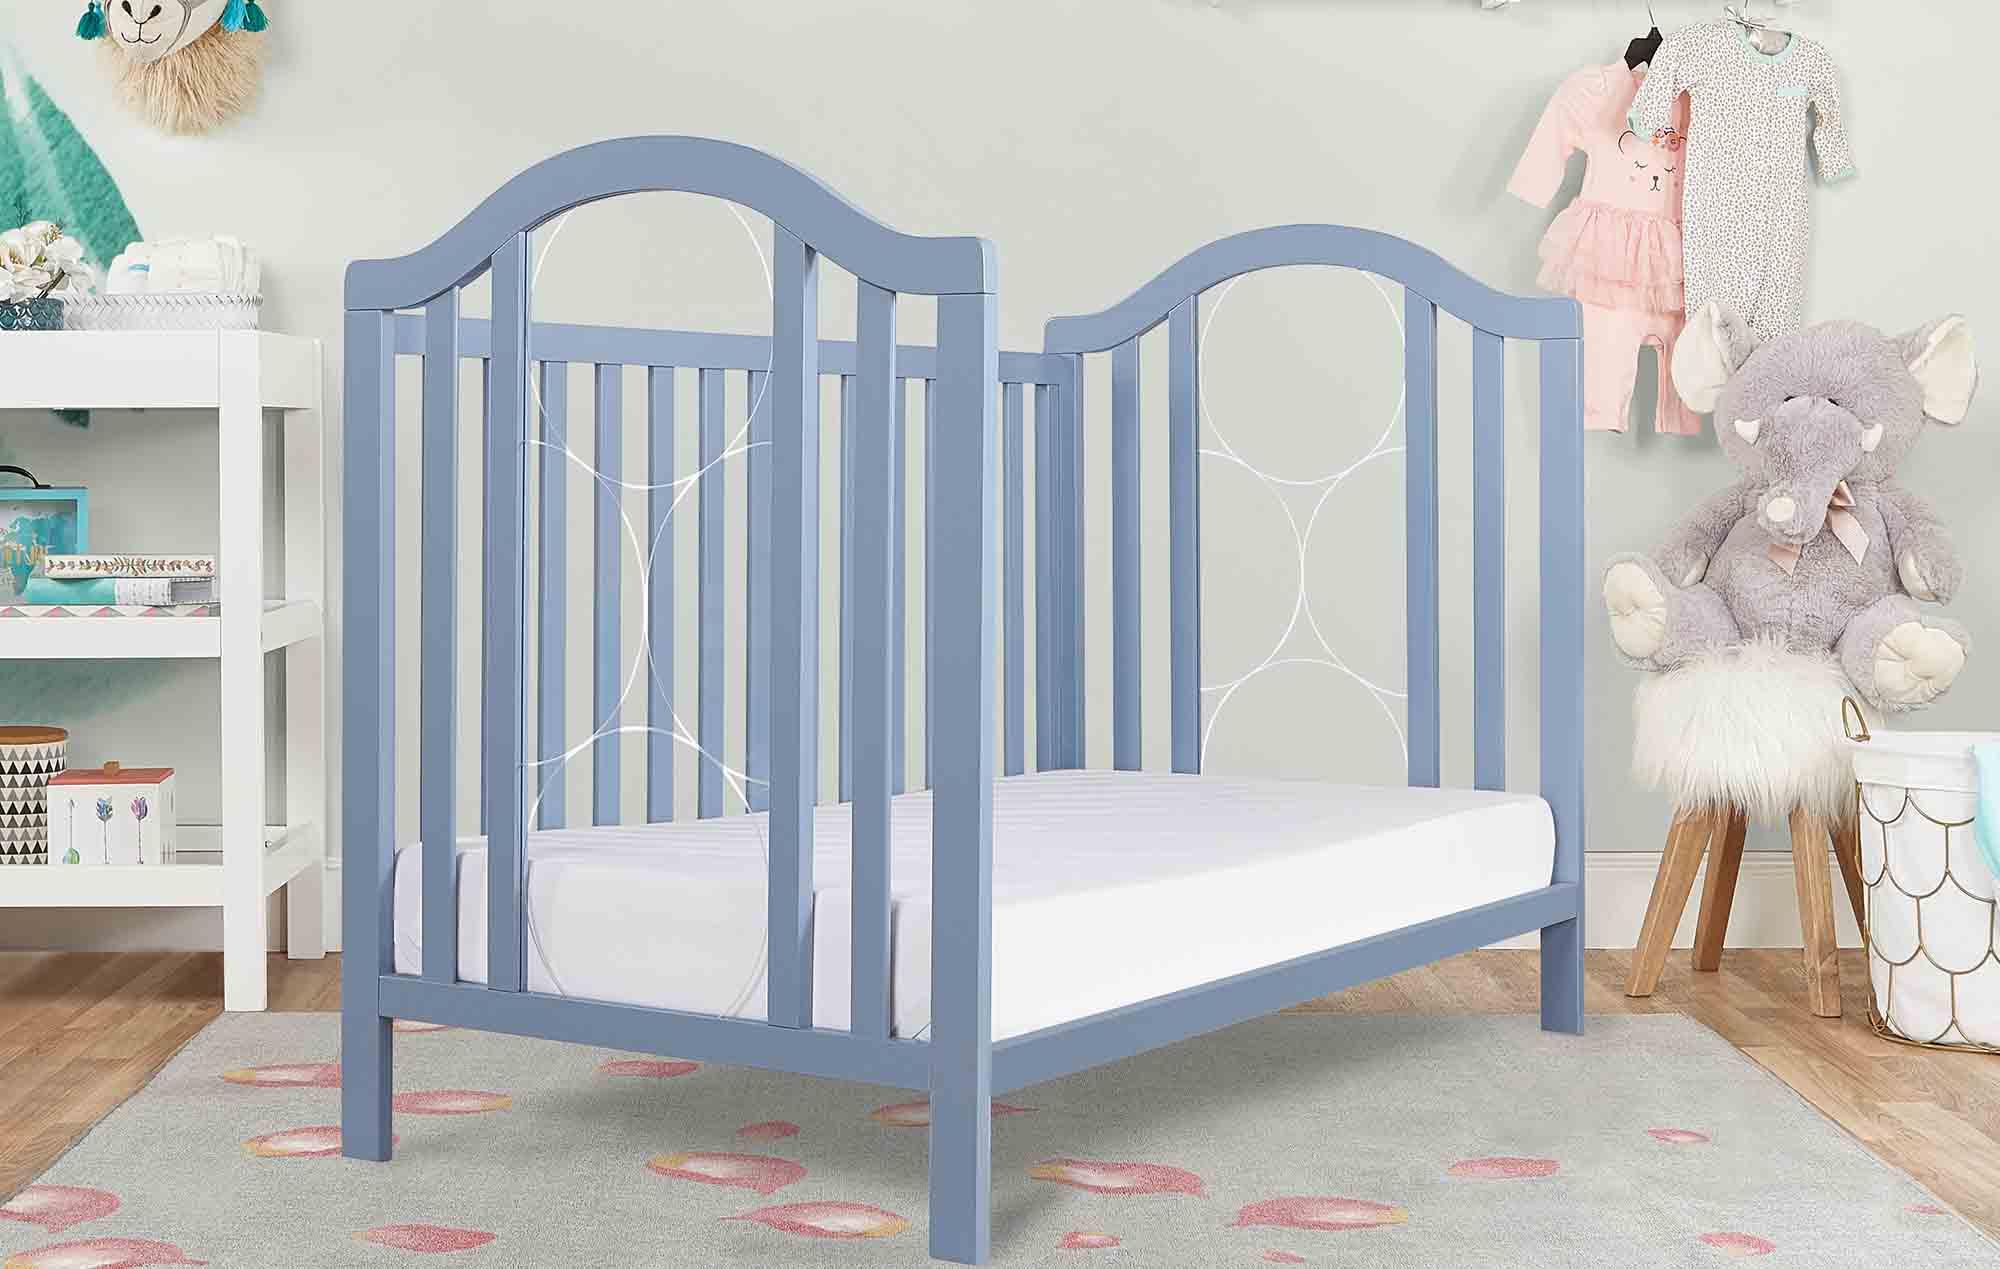 762-DUSB Day Bed Room Shot